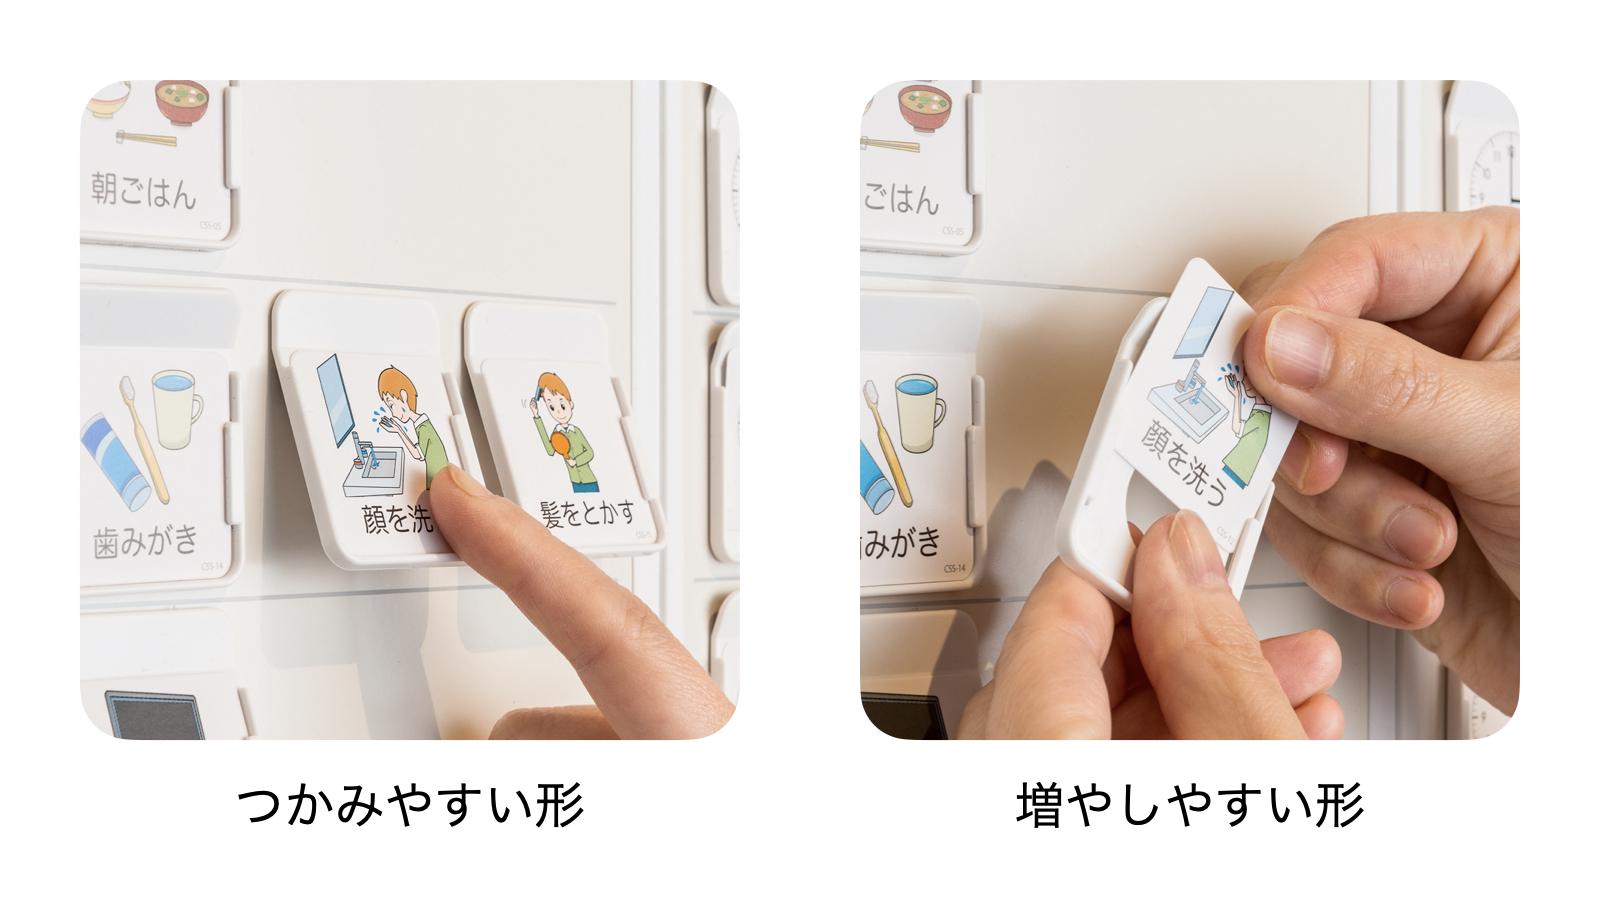 カードフォルダーの特徴:つかみやすい形、増やしやすい形